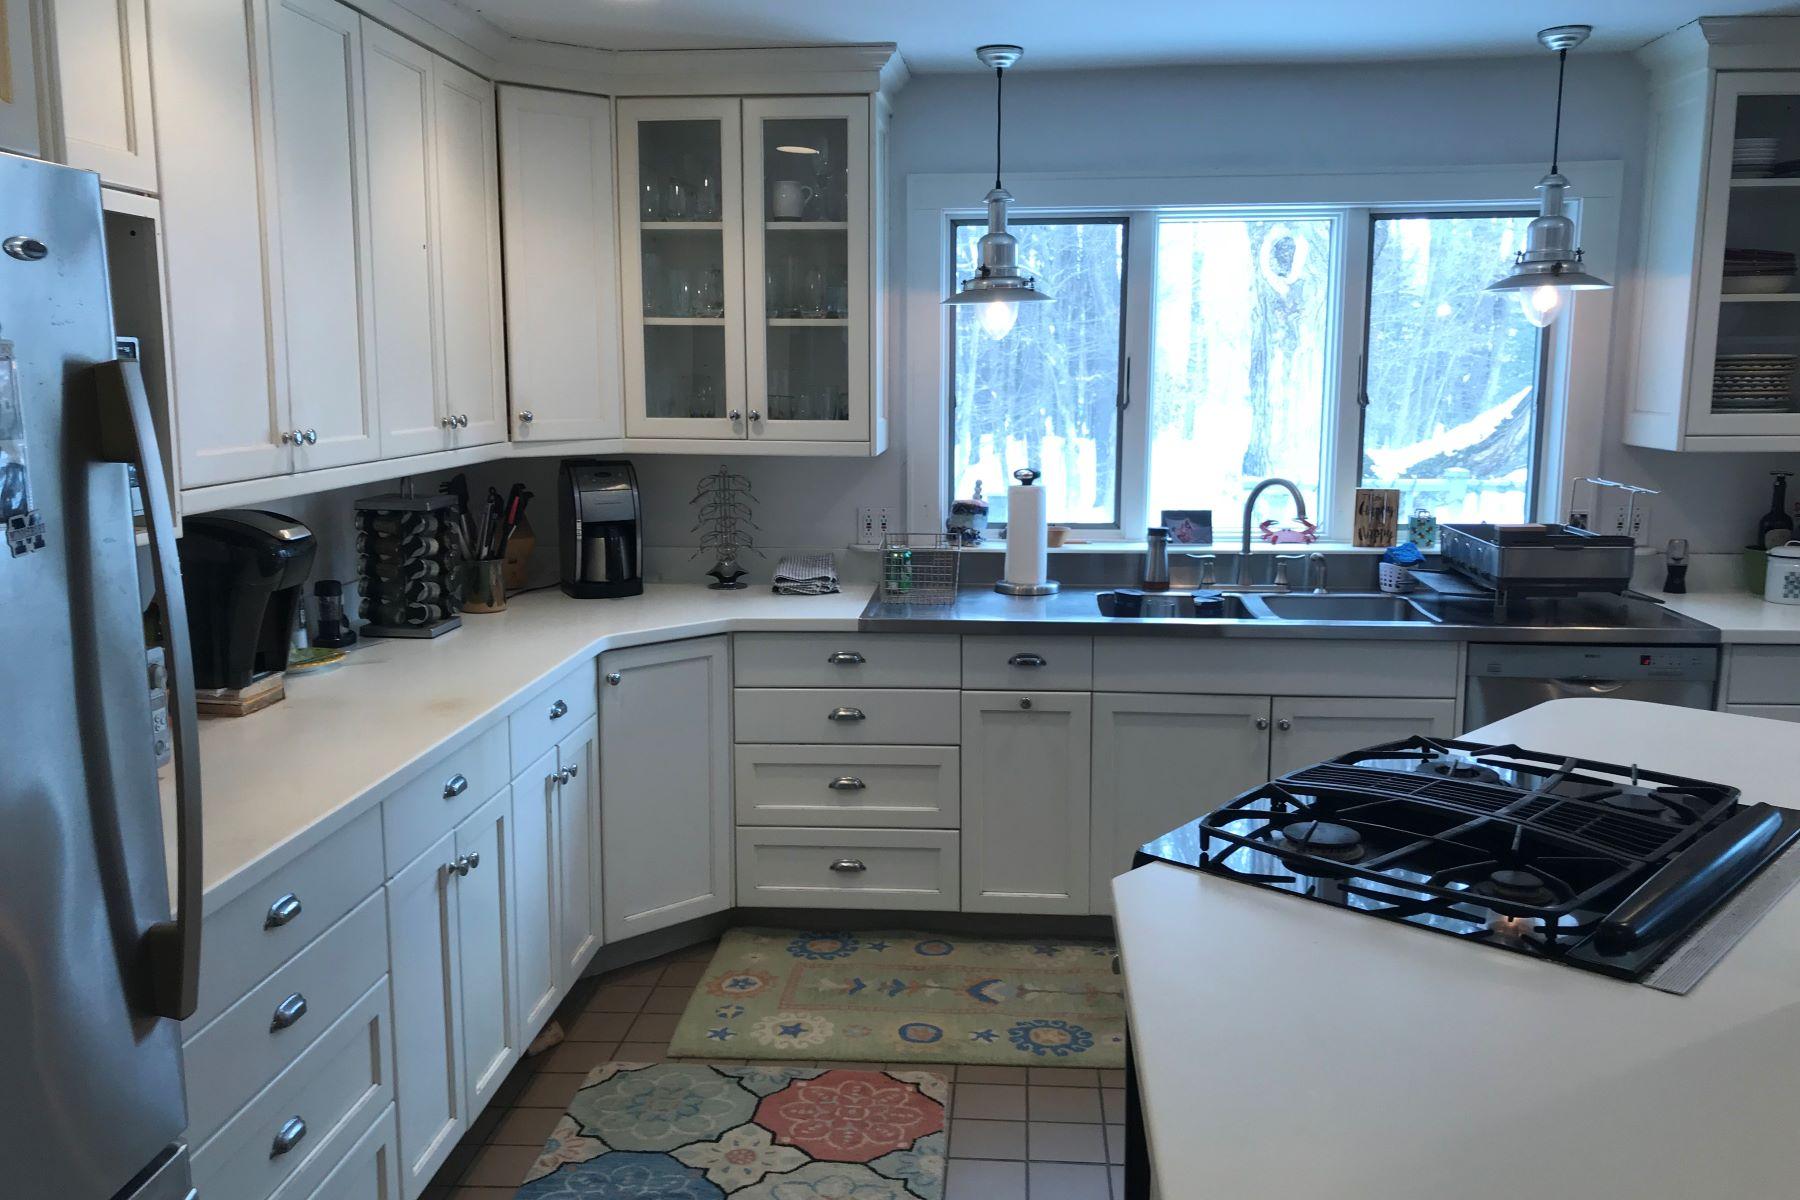 一戸建て のために 売買 アット Great Location in Hanover 7 Barrymore Rd, Hanover, ニューハンプシャー, 03755 アメリカ合衆国